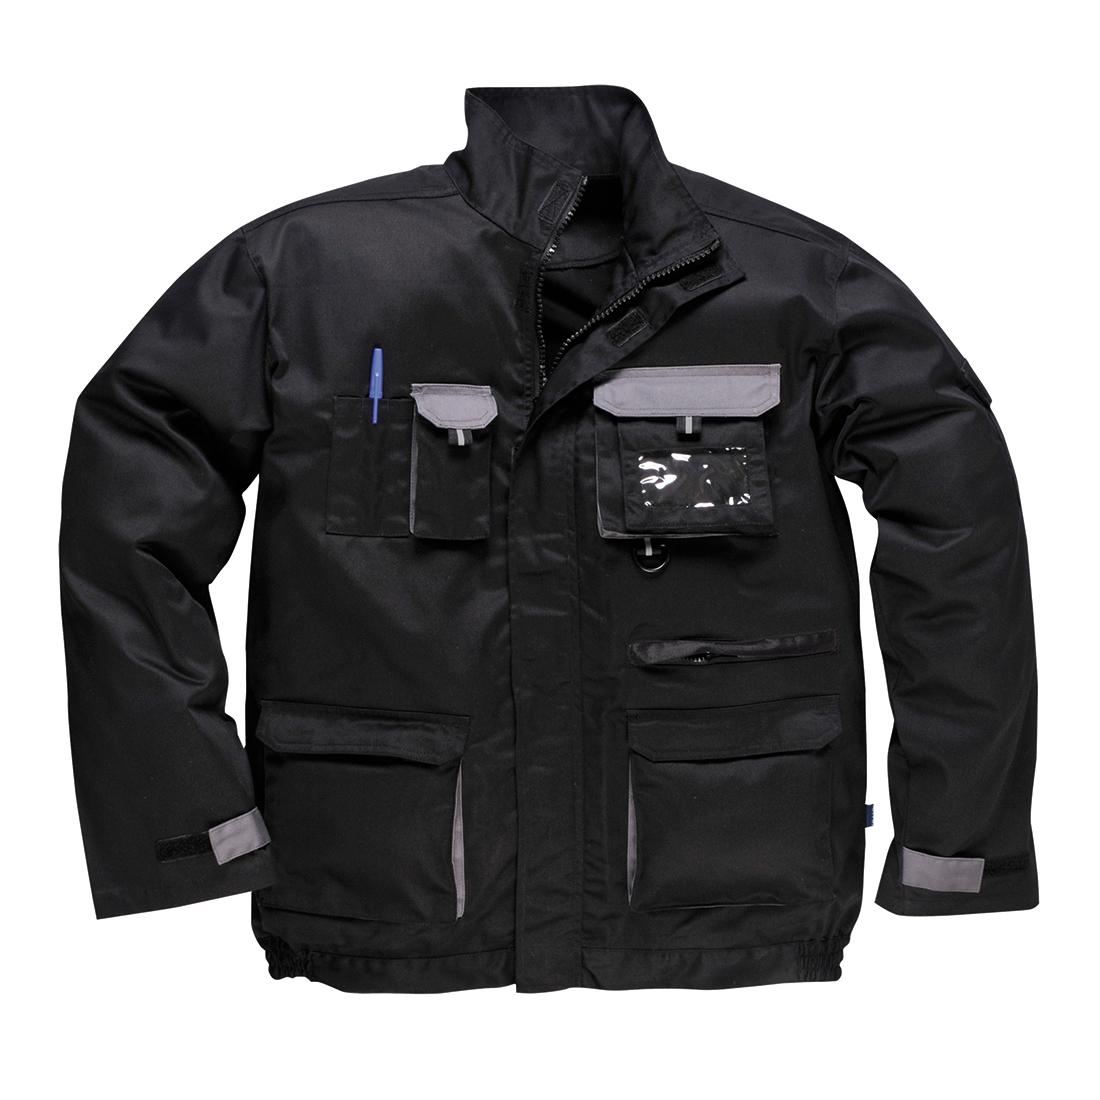 Contrast Jacket Black XXXLR